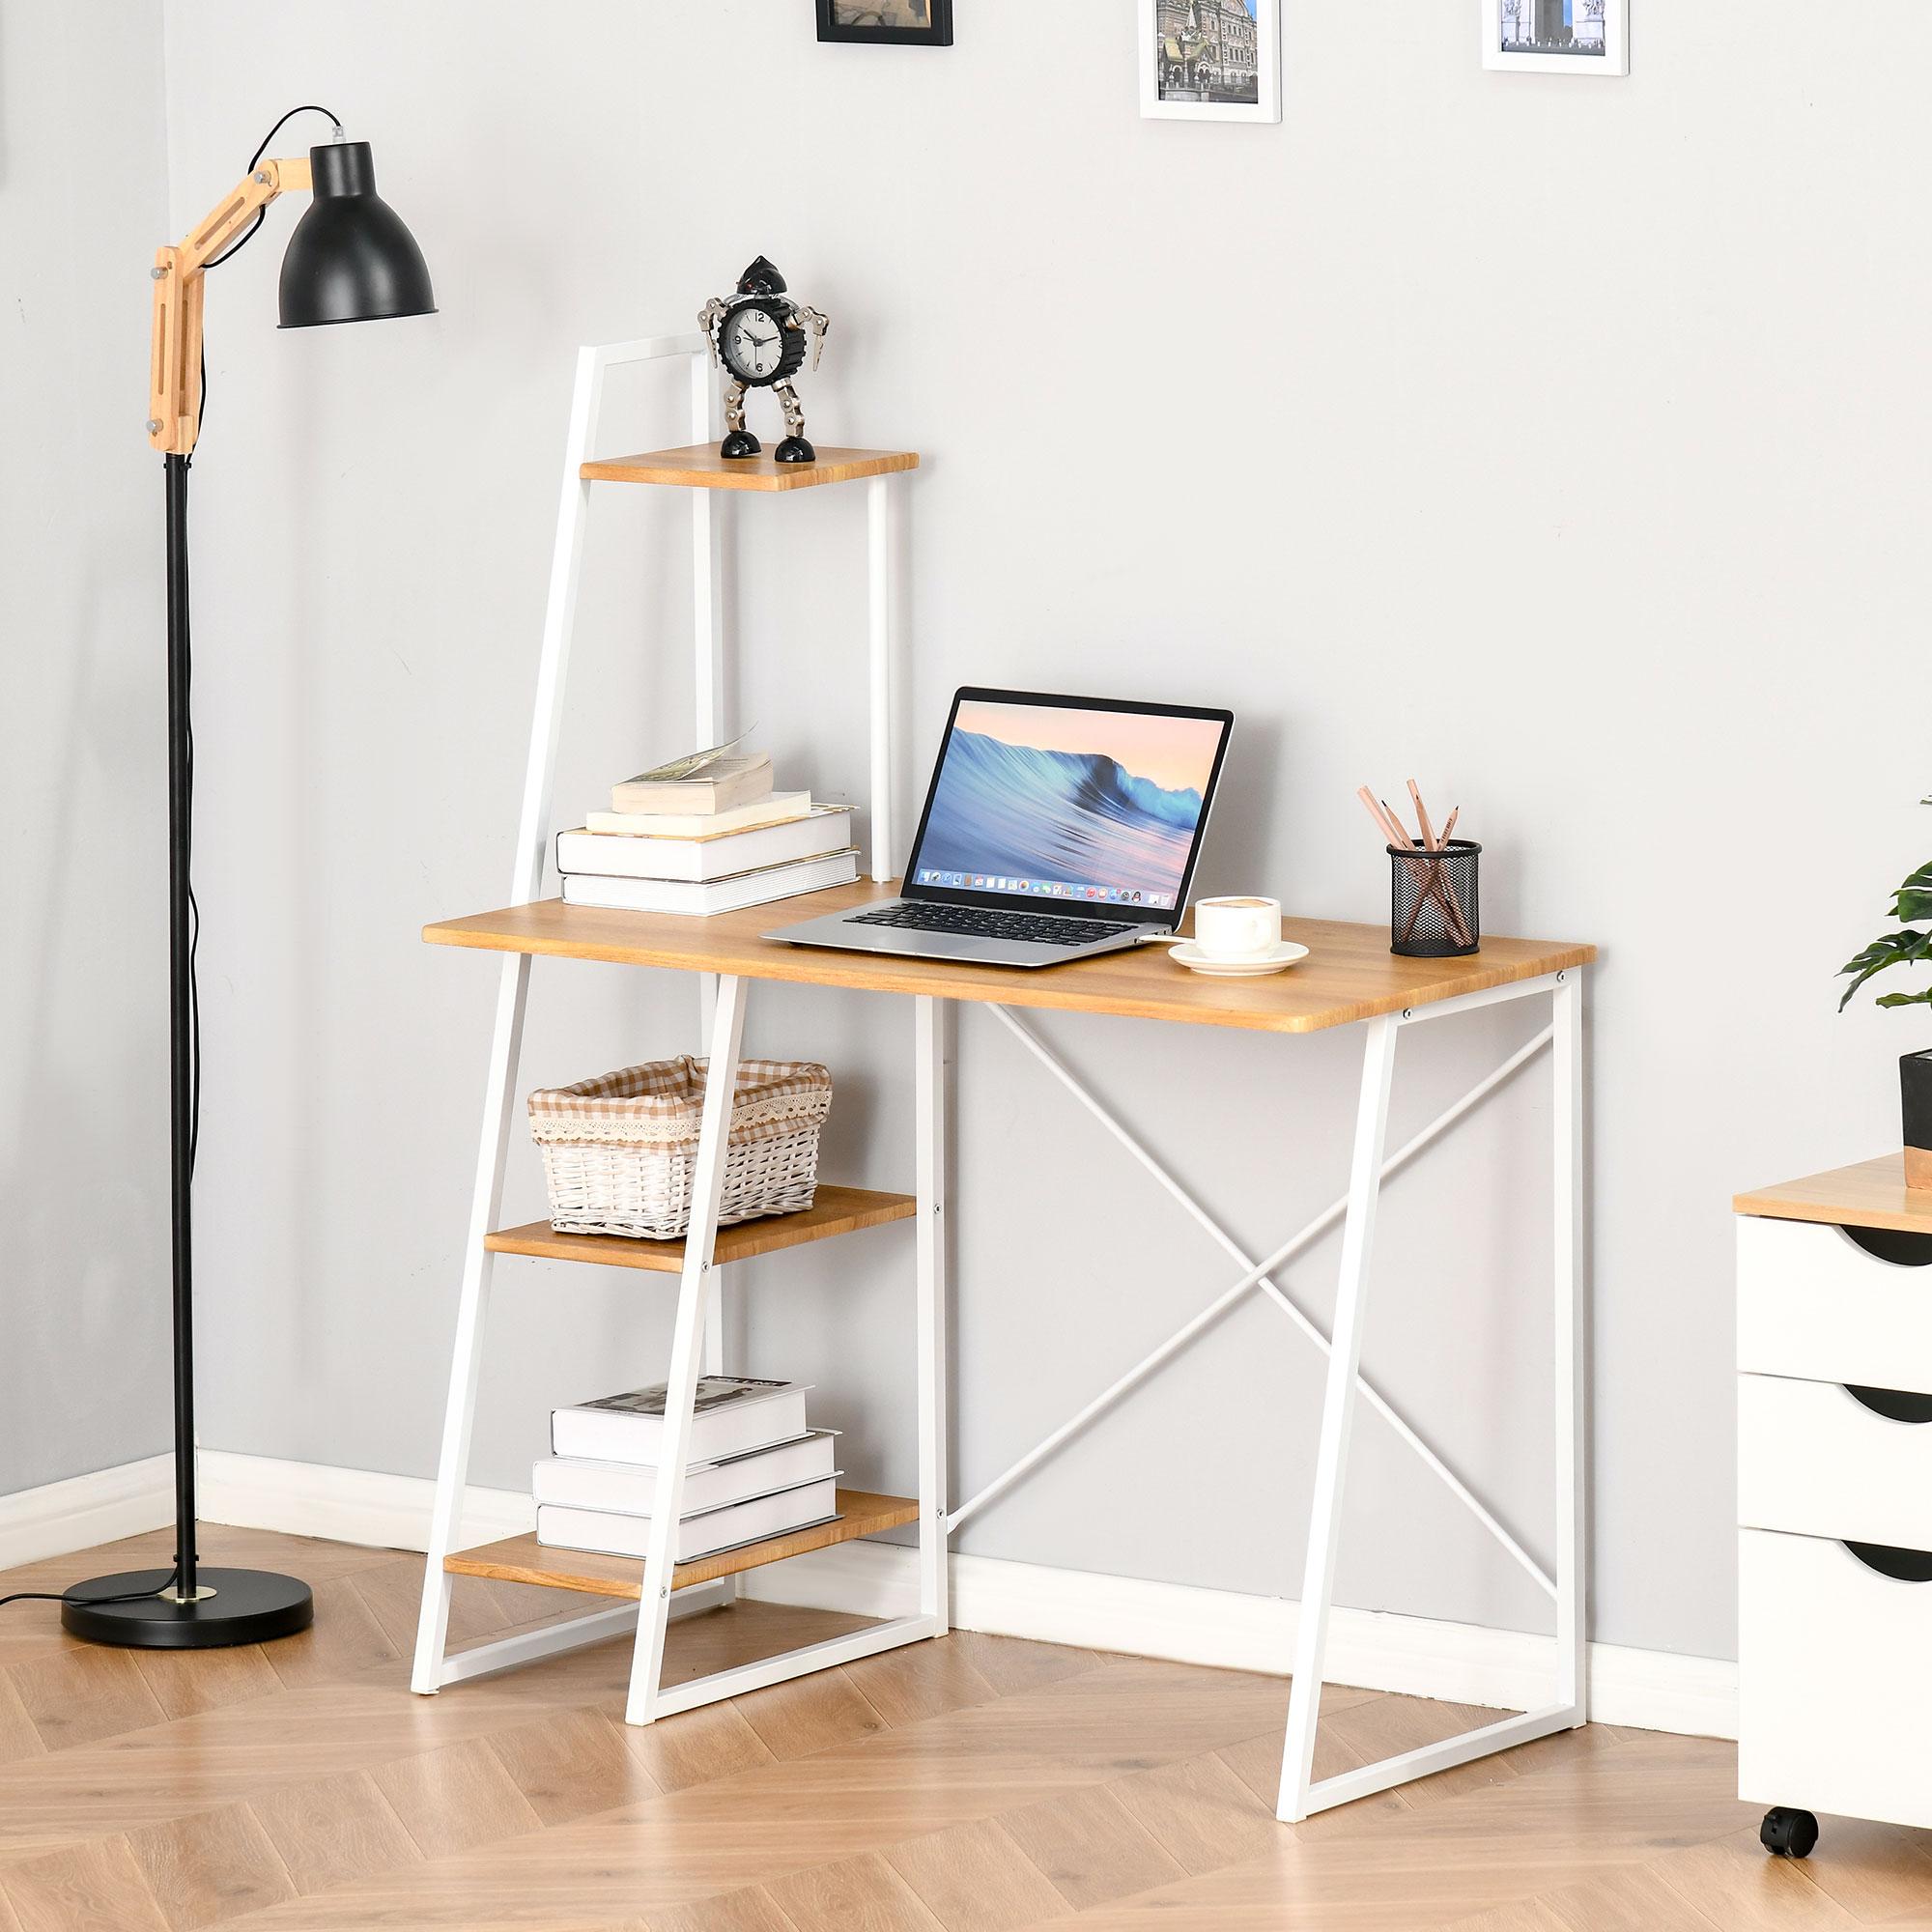 Bureau design industriel avec bibliothèque trapézoïdale 3 étagères